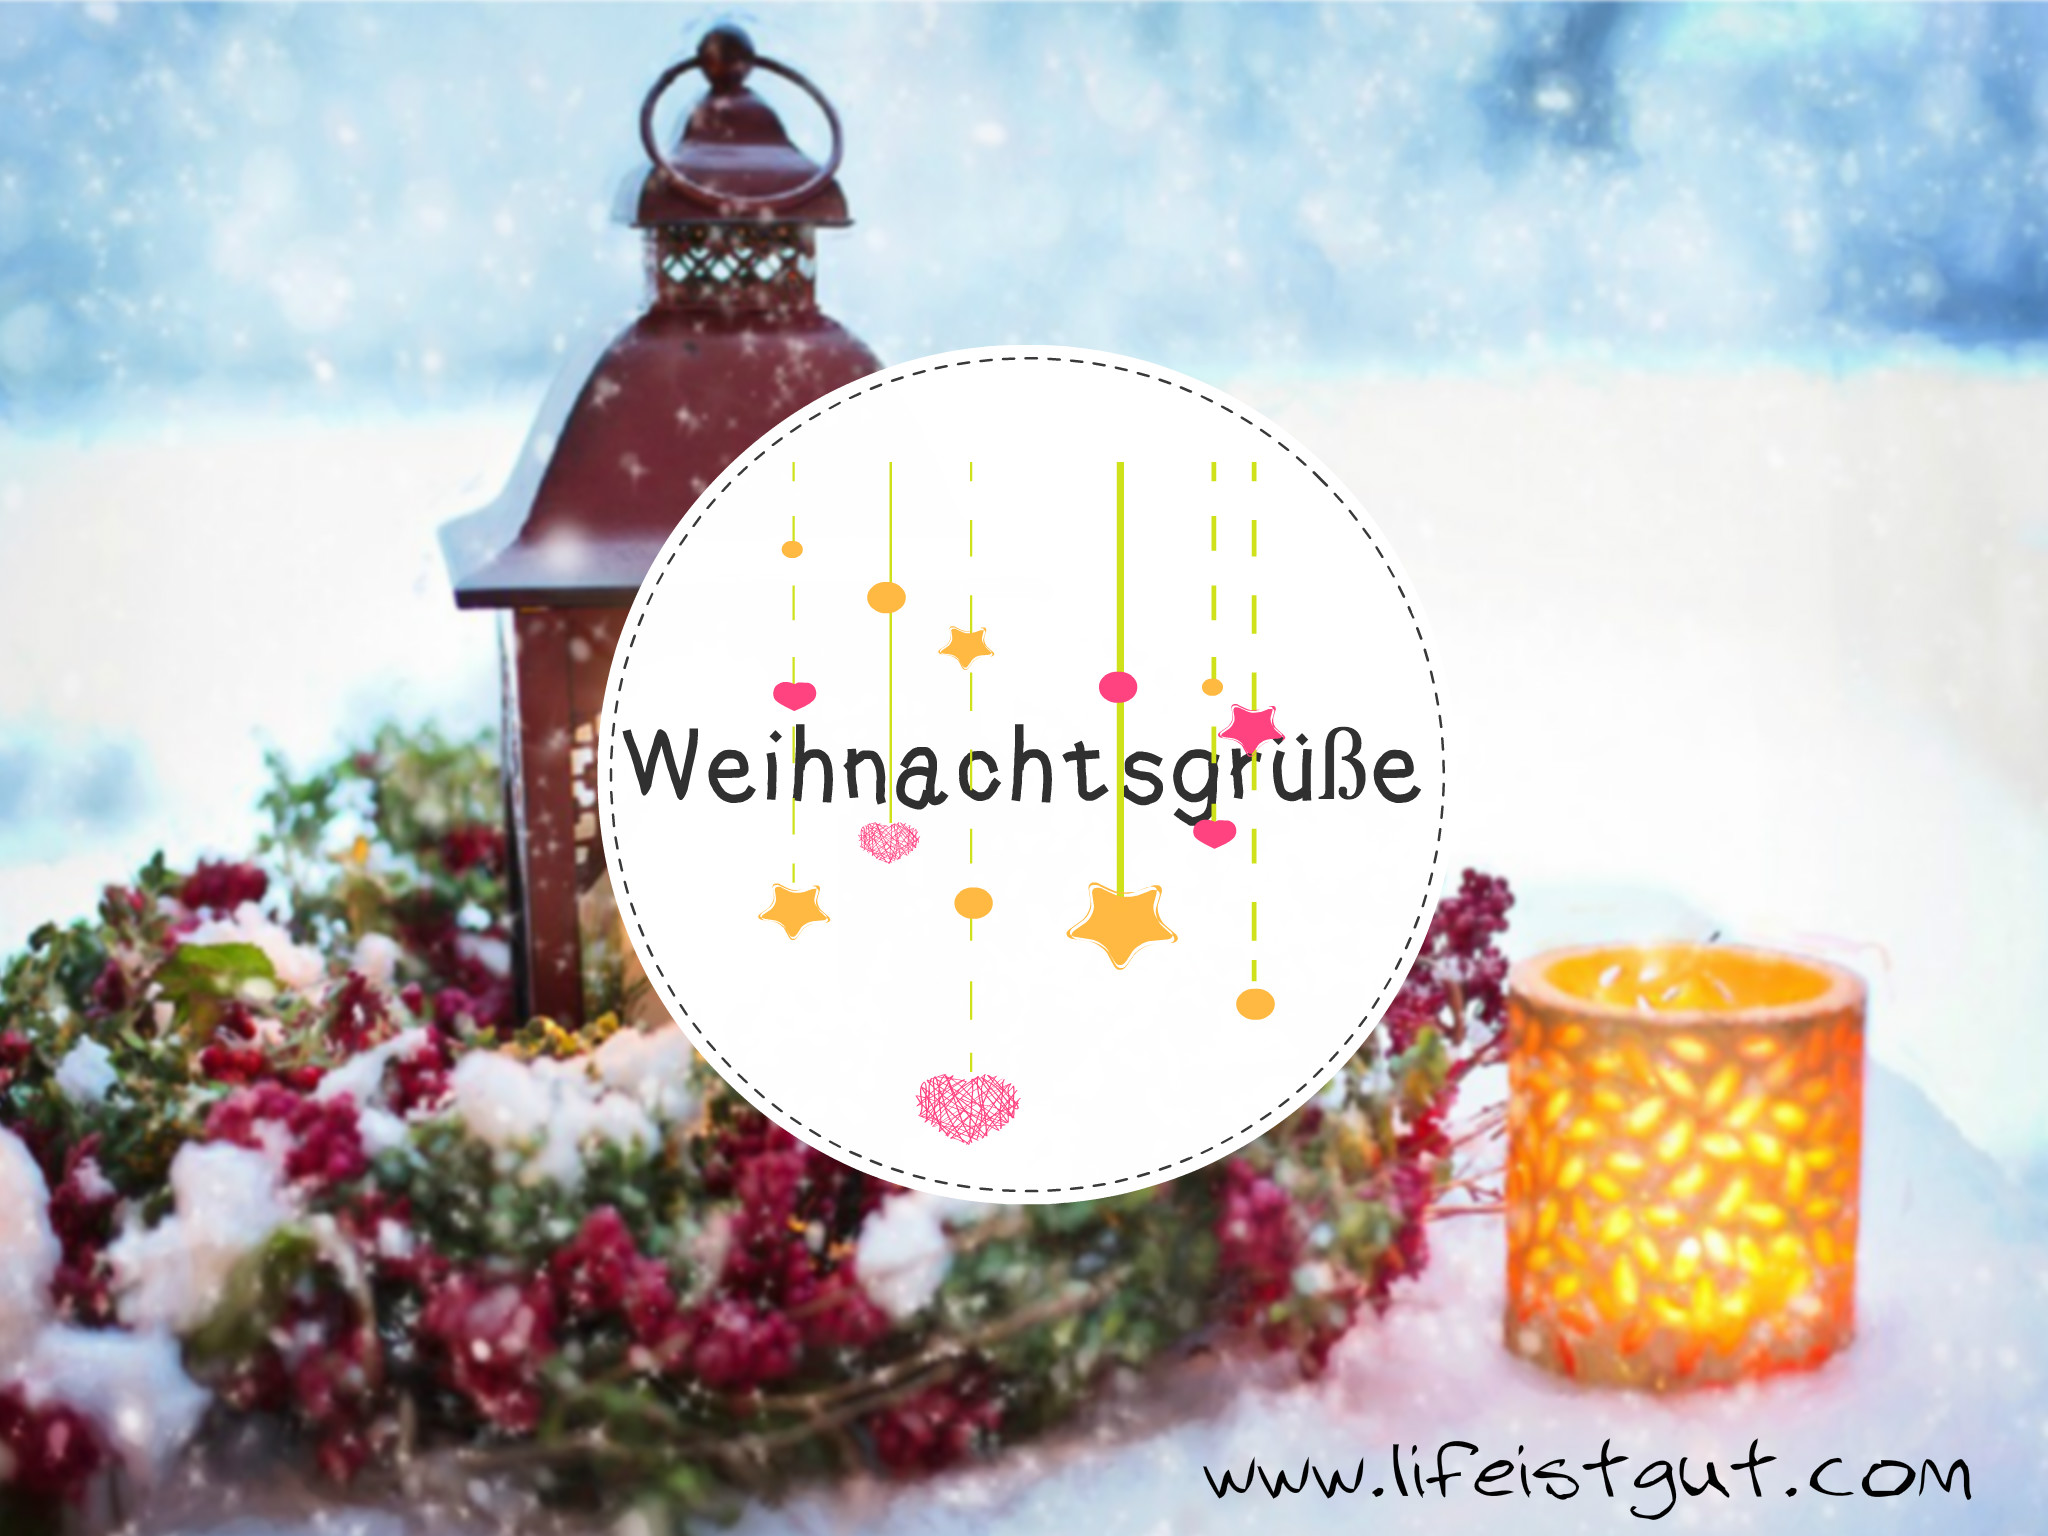 Поздравления с Рождеством на немецком, Weihnachtsgrüße